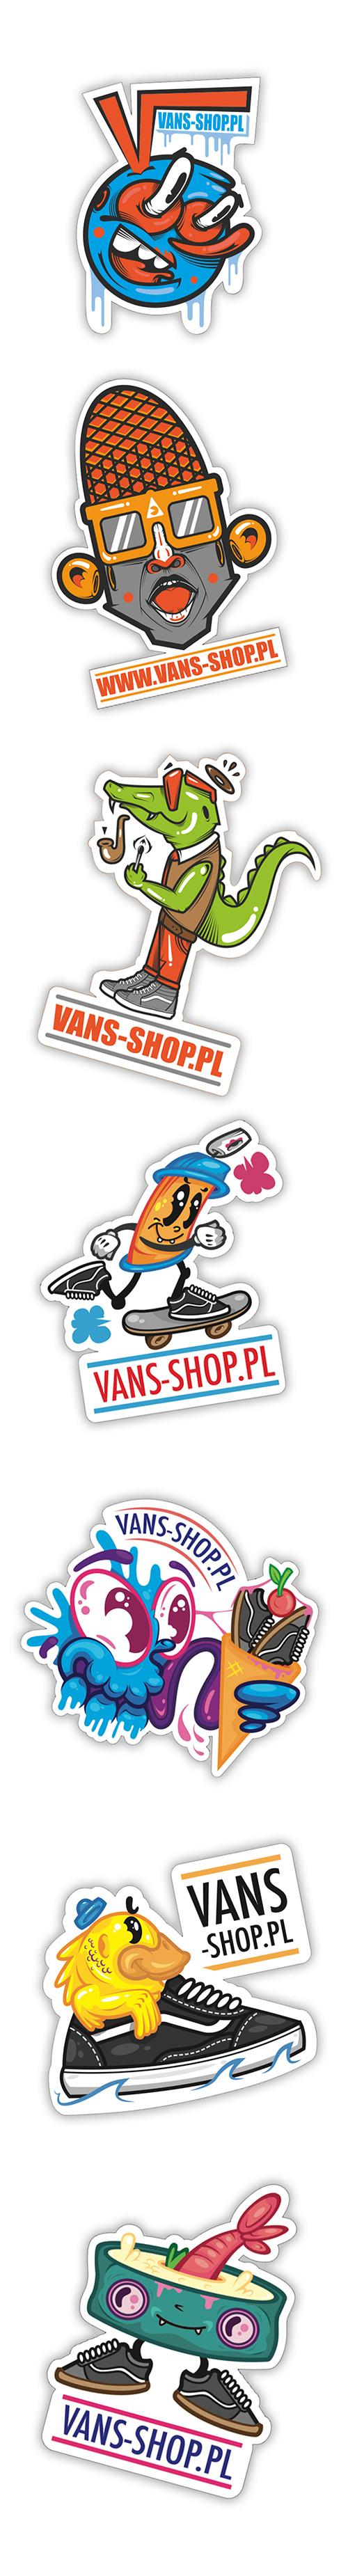 buty na tanie najniższa cena brak podatku od sprzedaży Konrad Koxu   ukasiak - Vans Shop stickers